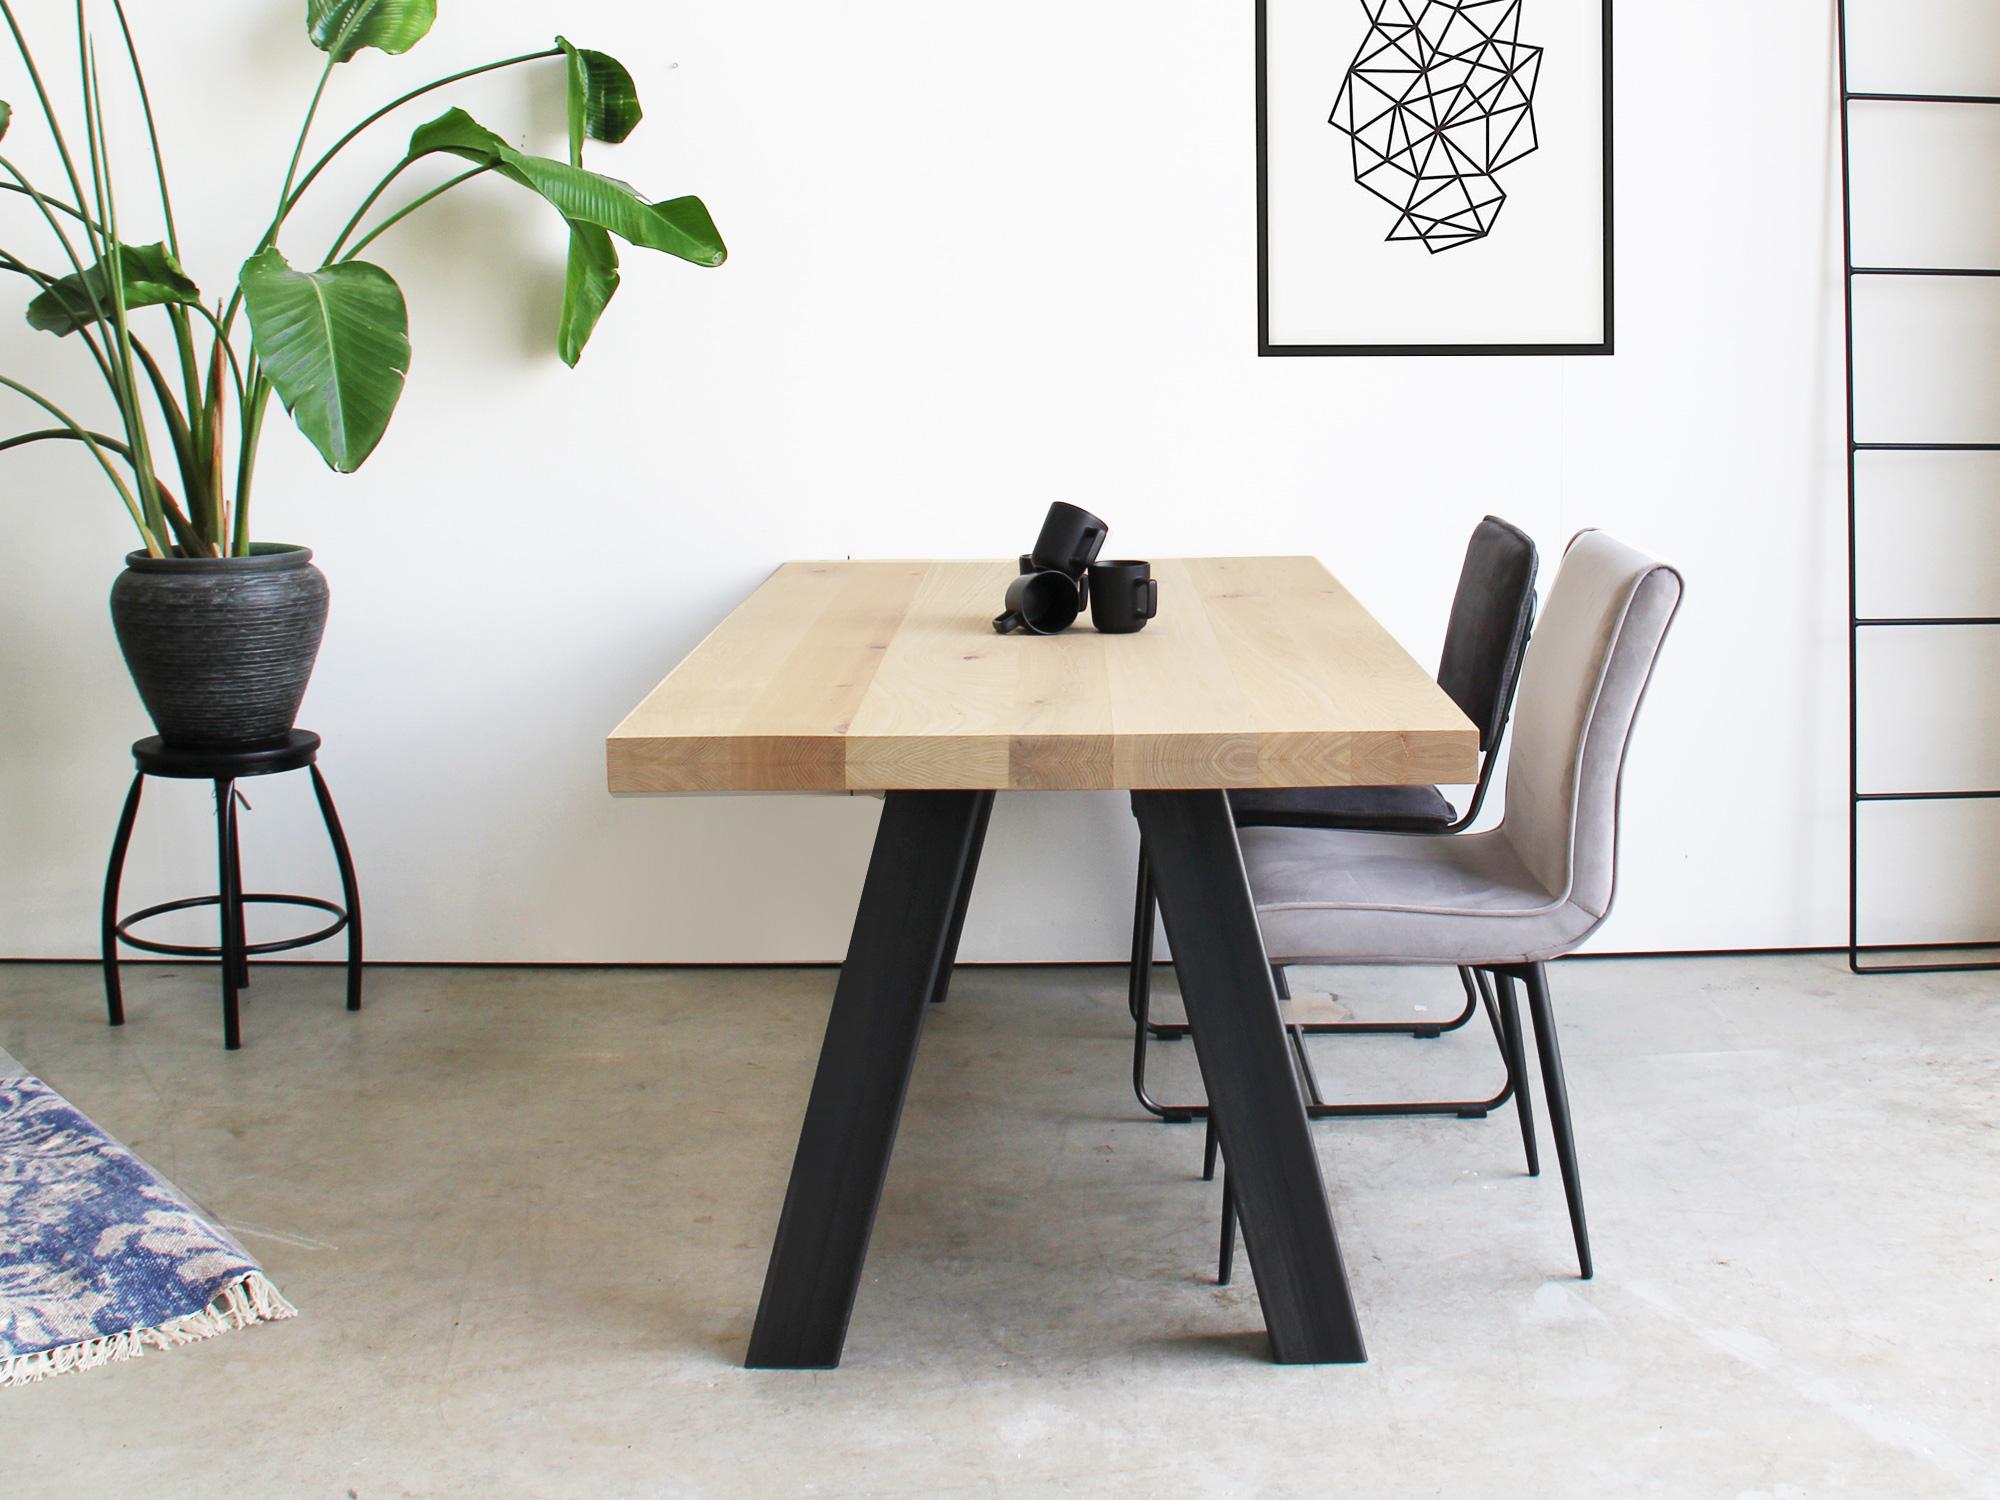 Eikenhouten tafel vann op maat gemaakt industriele tafels fØrn